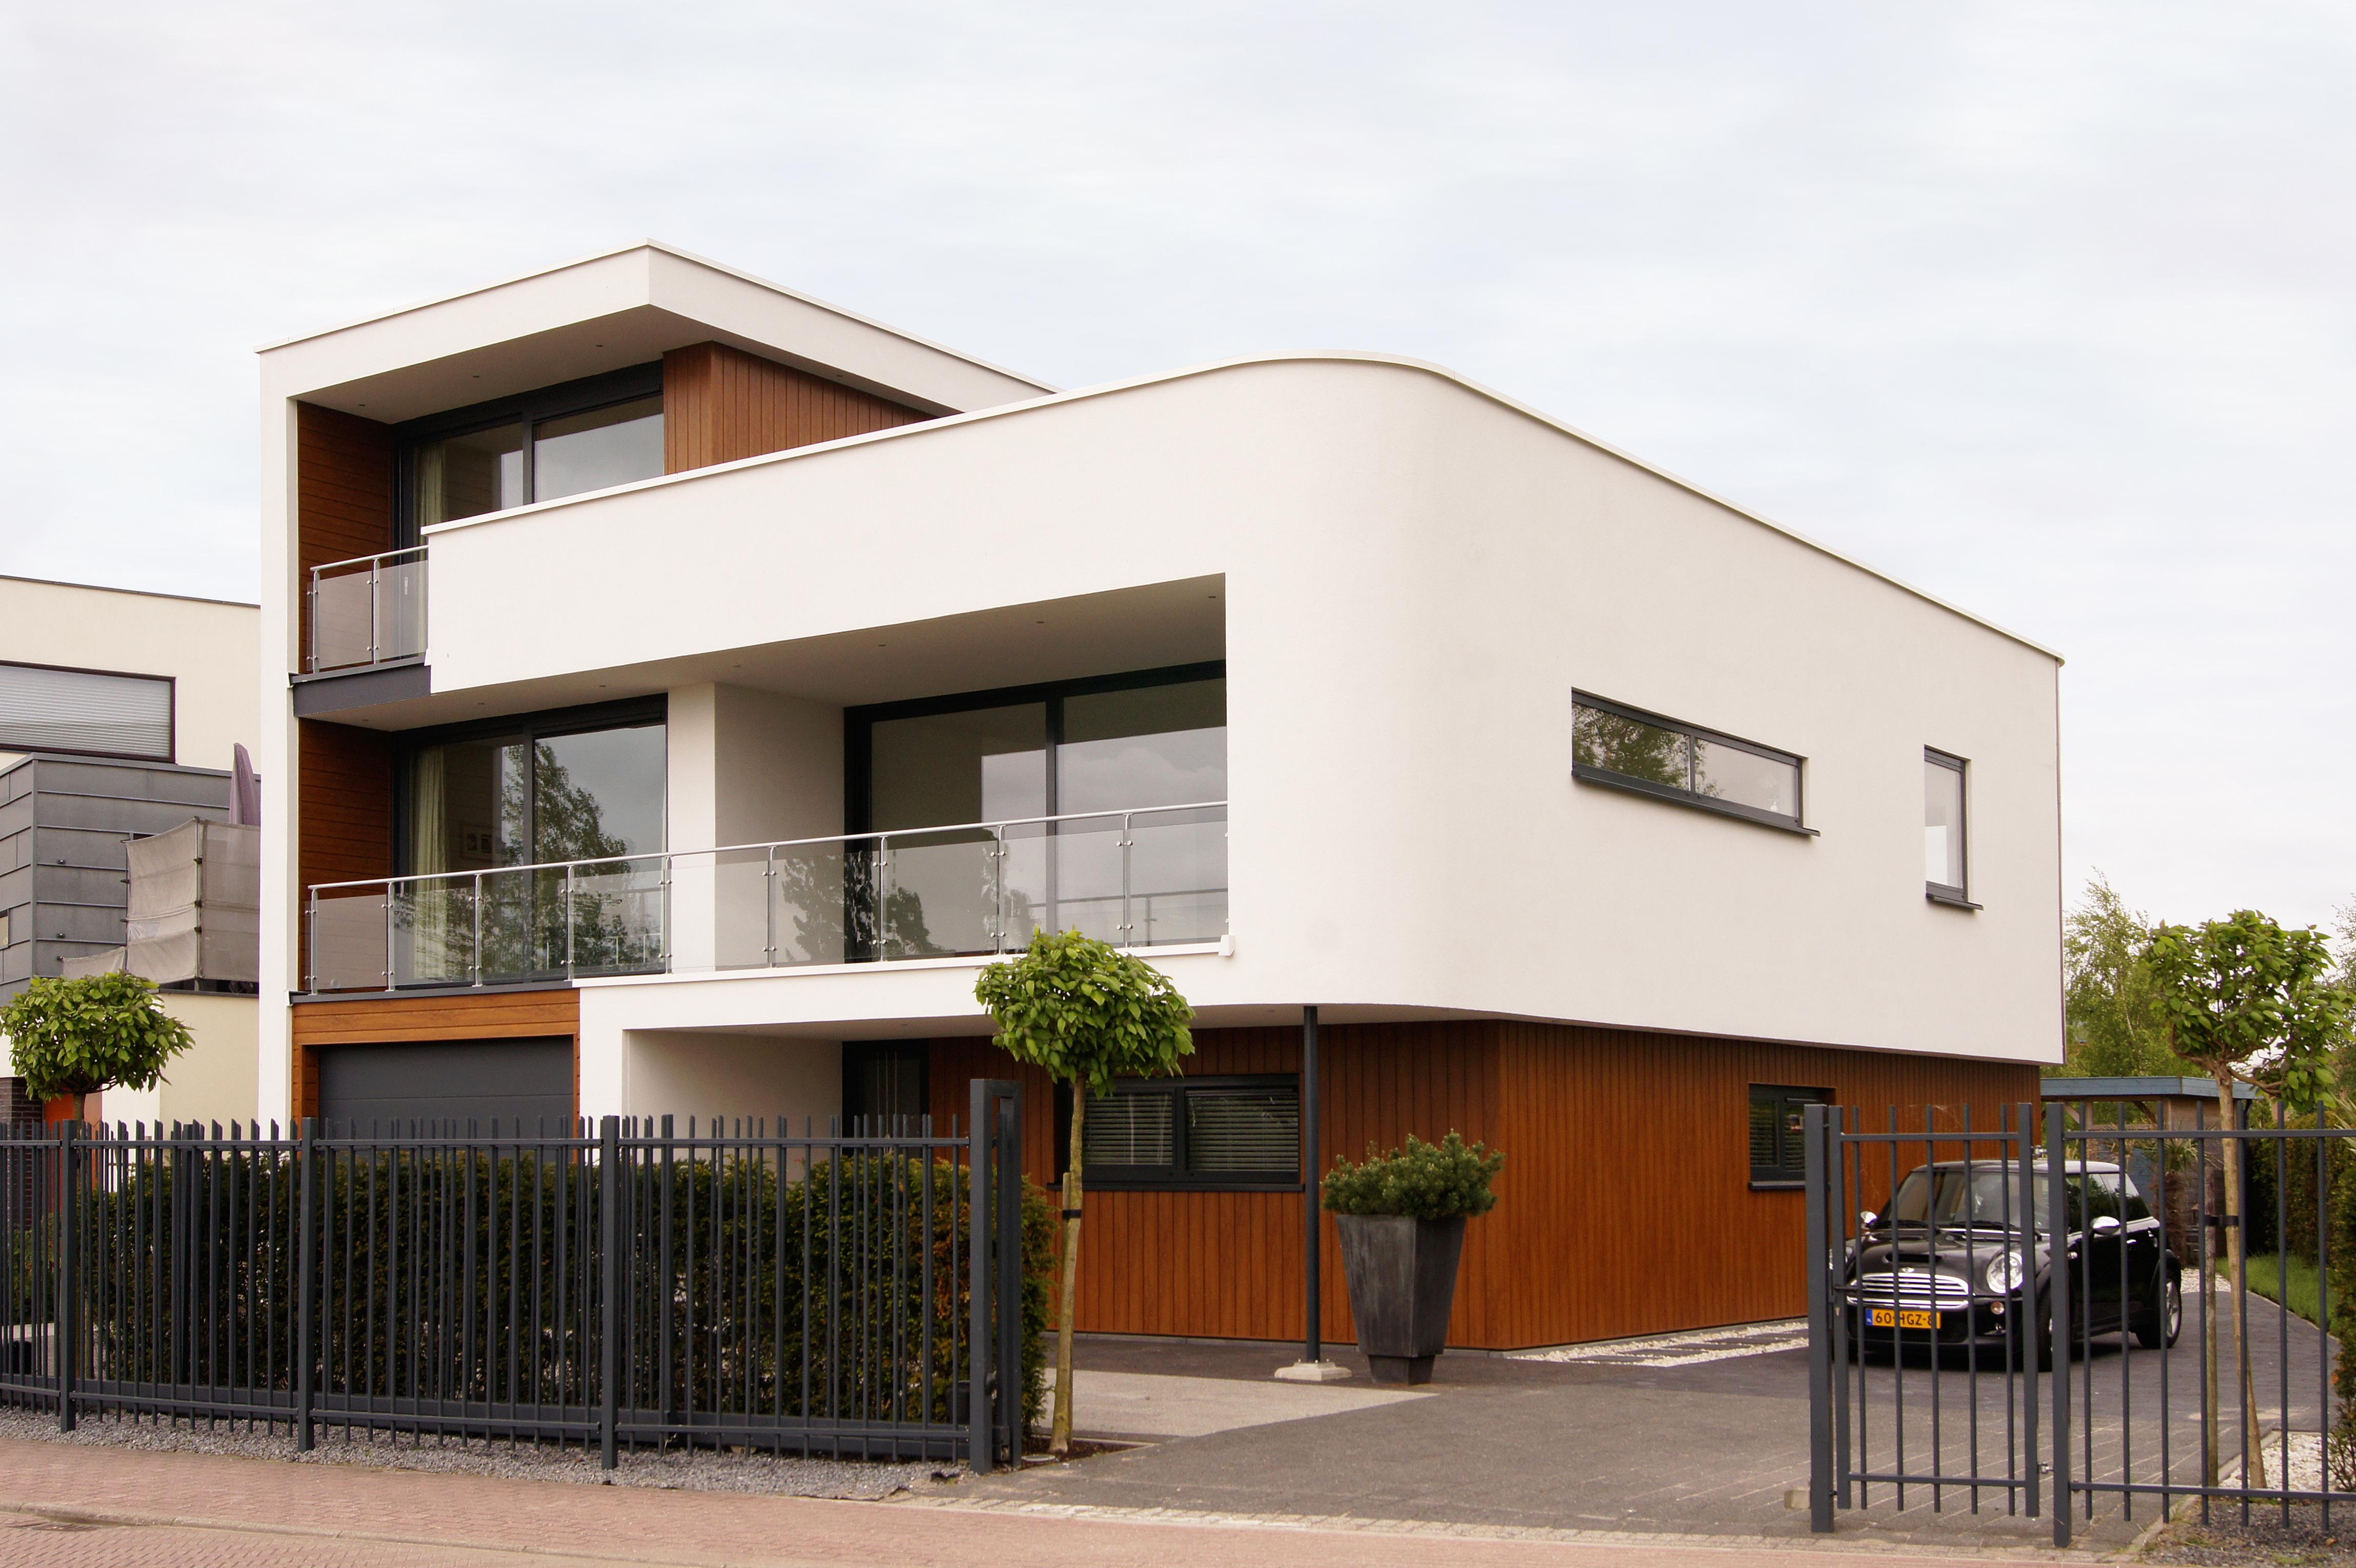 Architect Zoetermeer, Rotterdam en Den Haag Maxim Winkelaar ontwerp voor nieuwbouwwoning met rondingen.